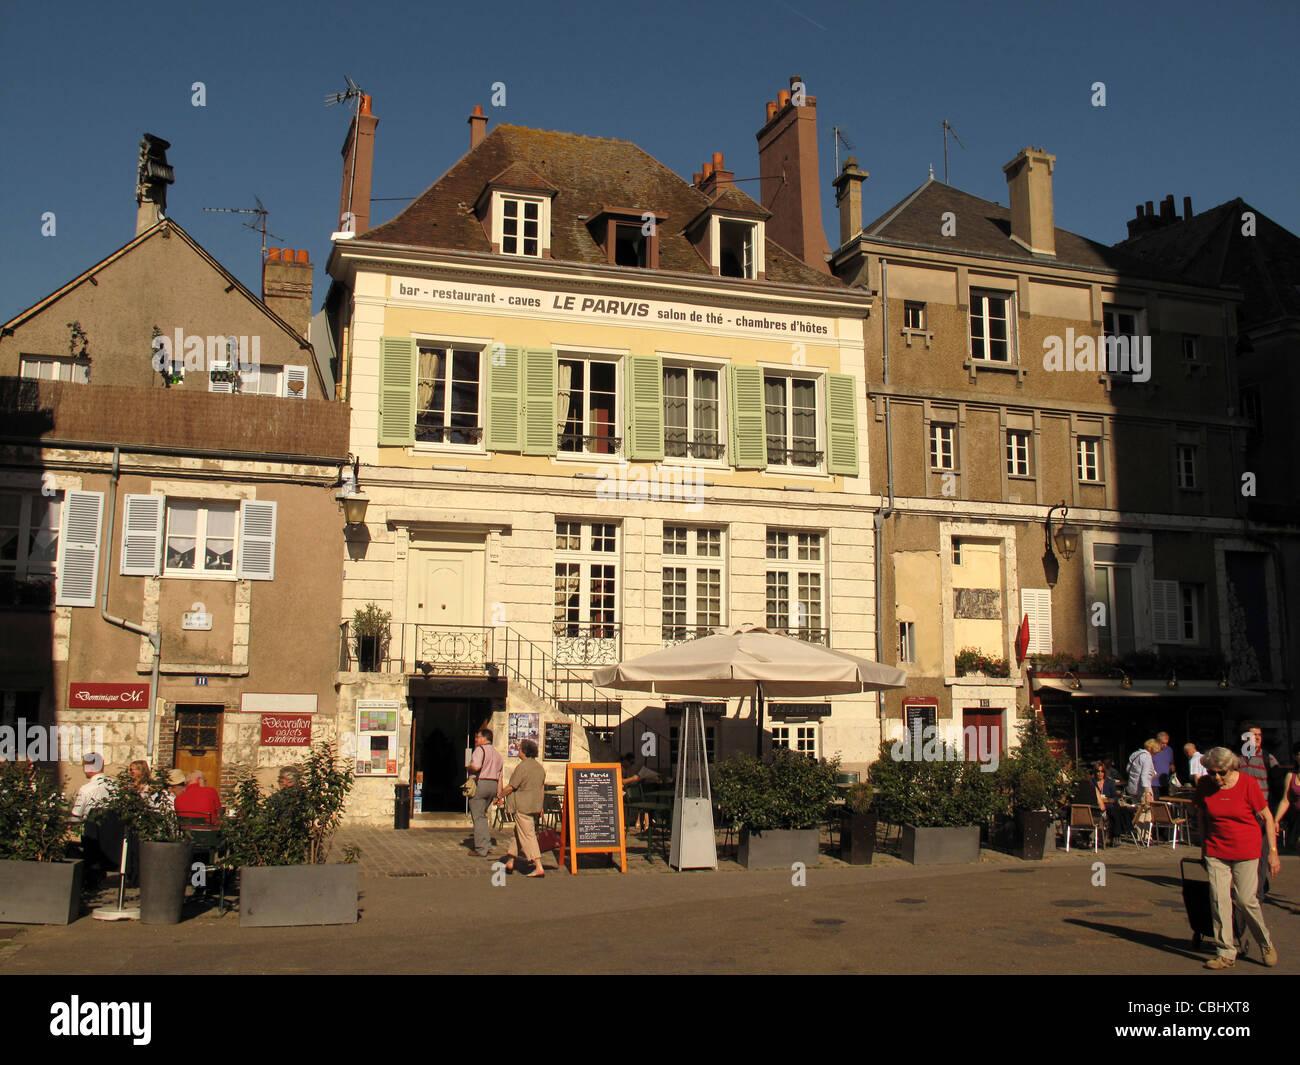 Restaurant Le Parvis near Notre-Dame de Chartres cathedral,Chartres,Eure-et-Loire, France Stock Photo